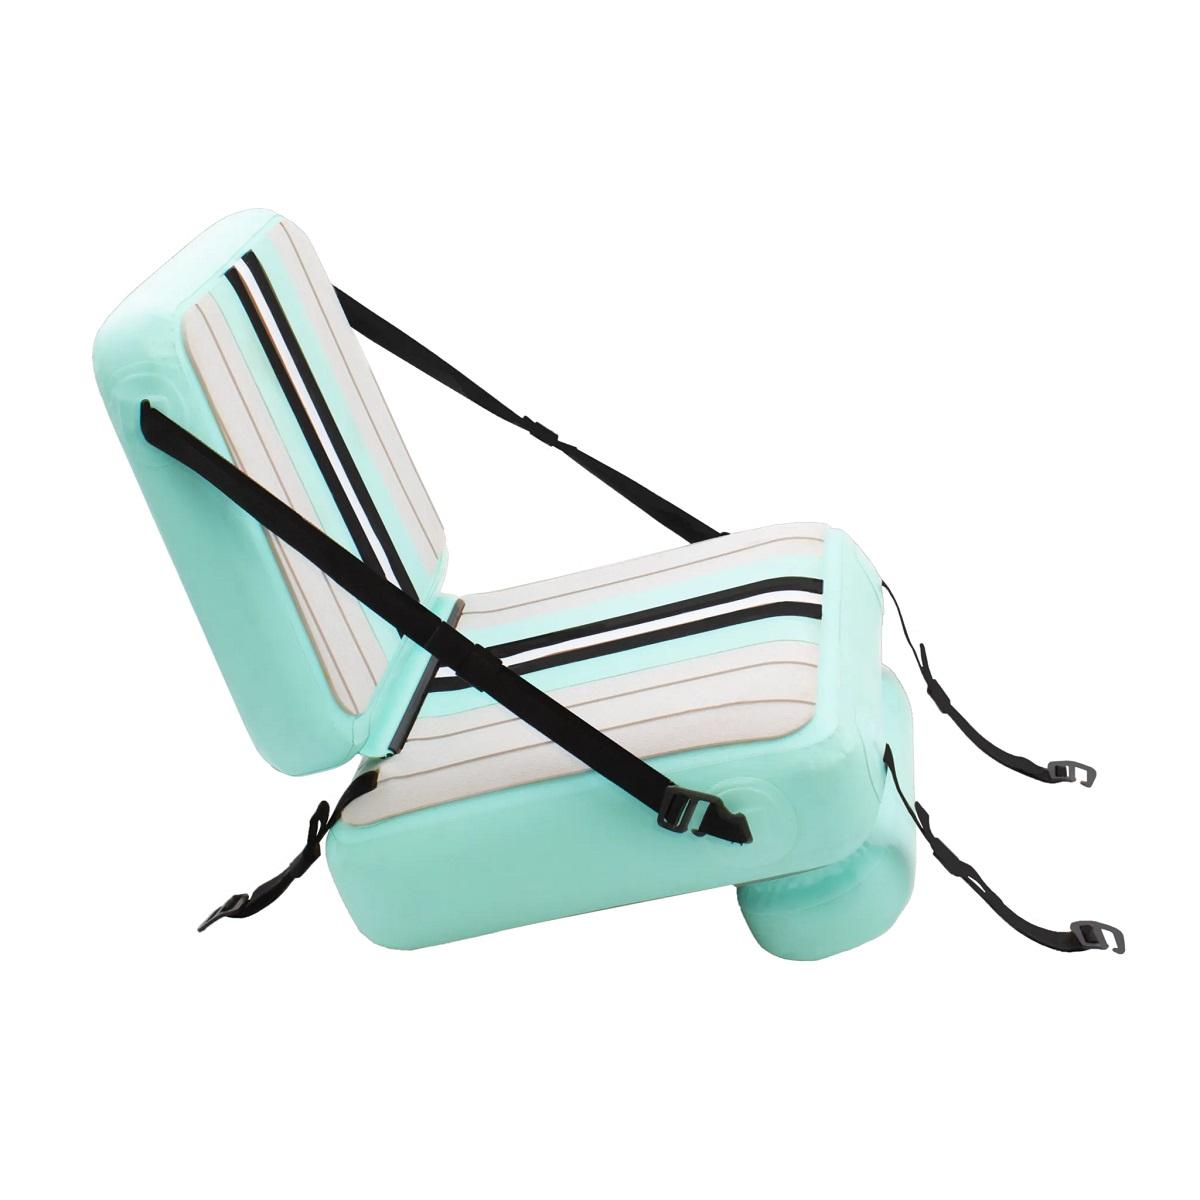 BOTE Aero Paddle Seat - P3